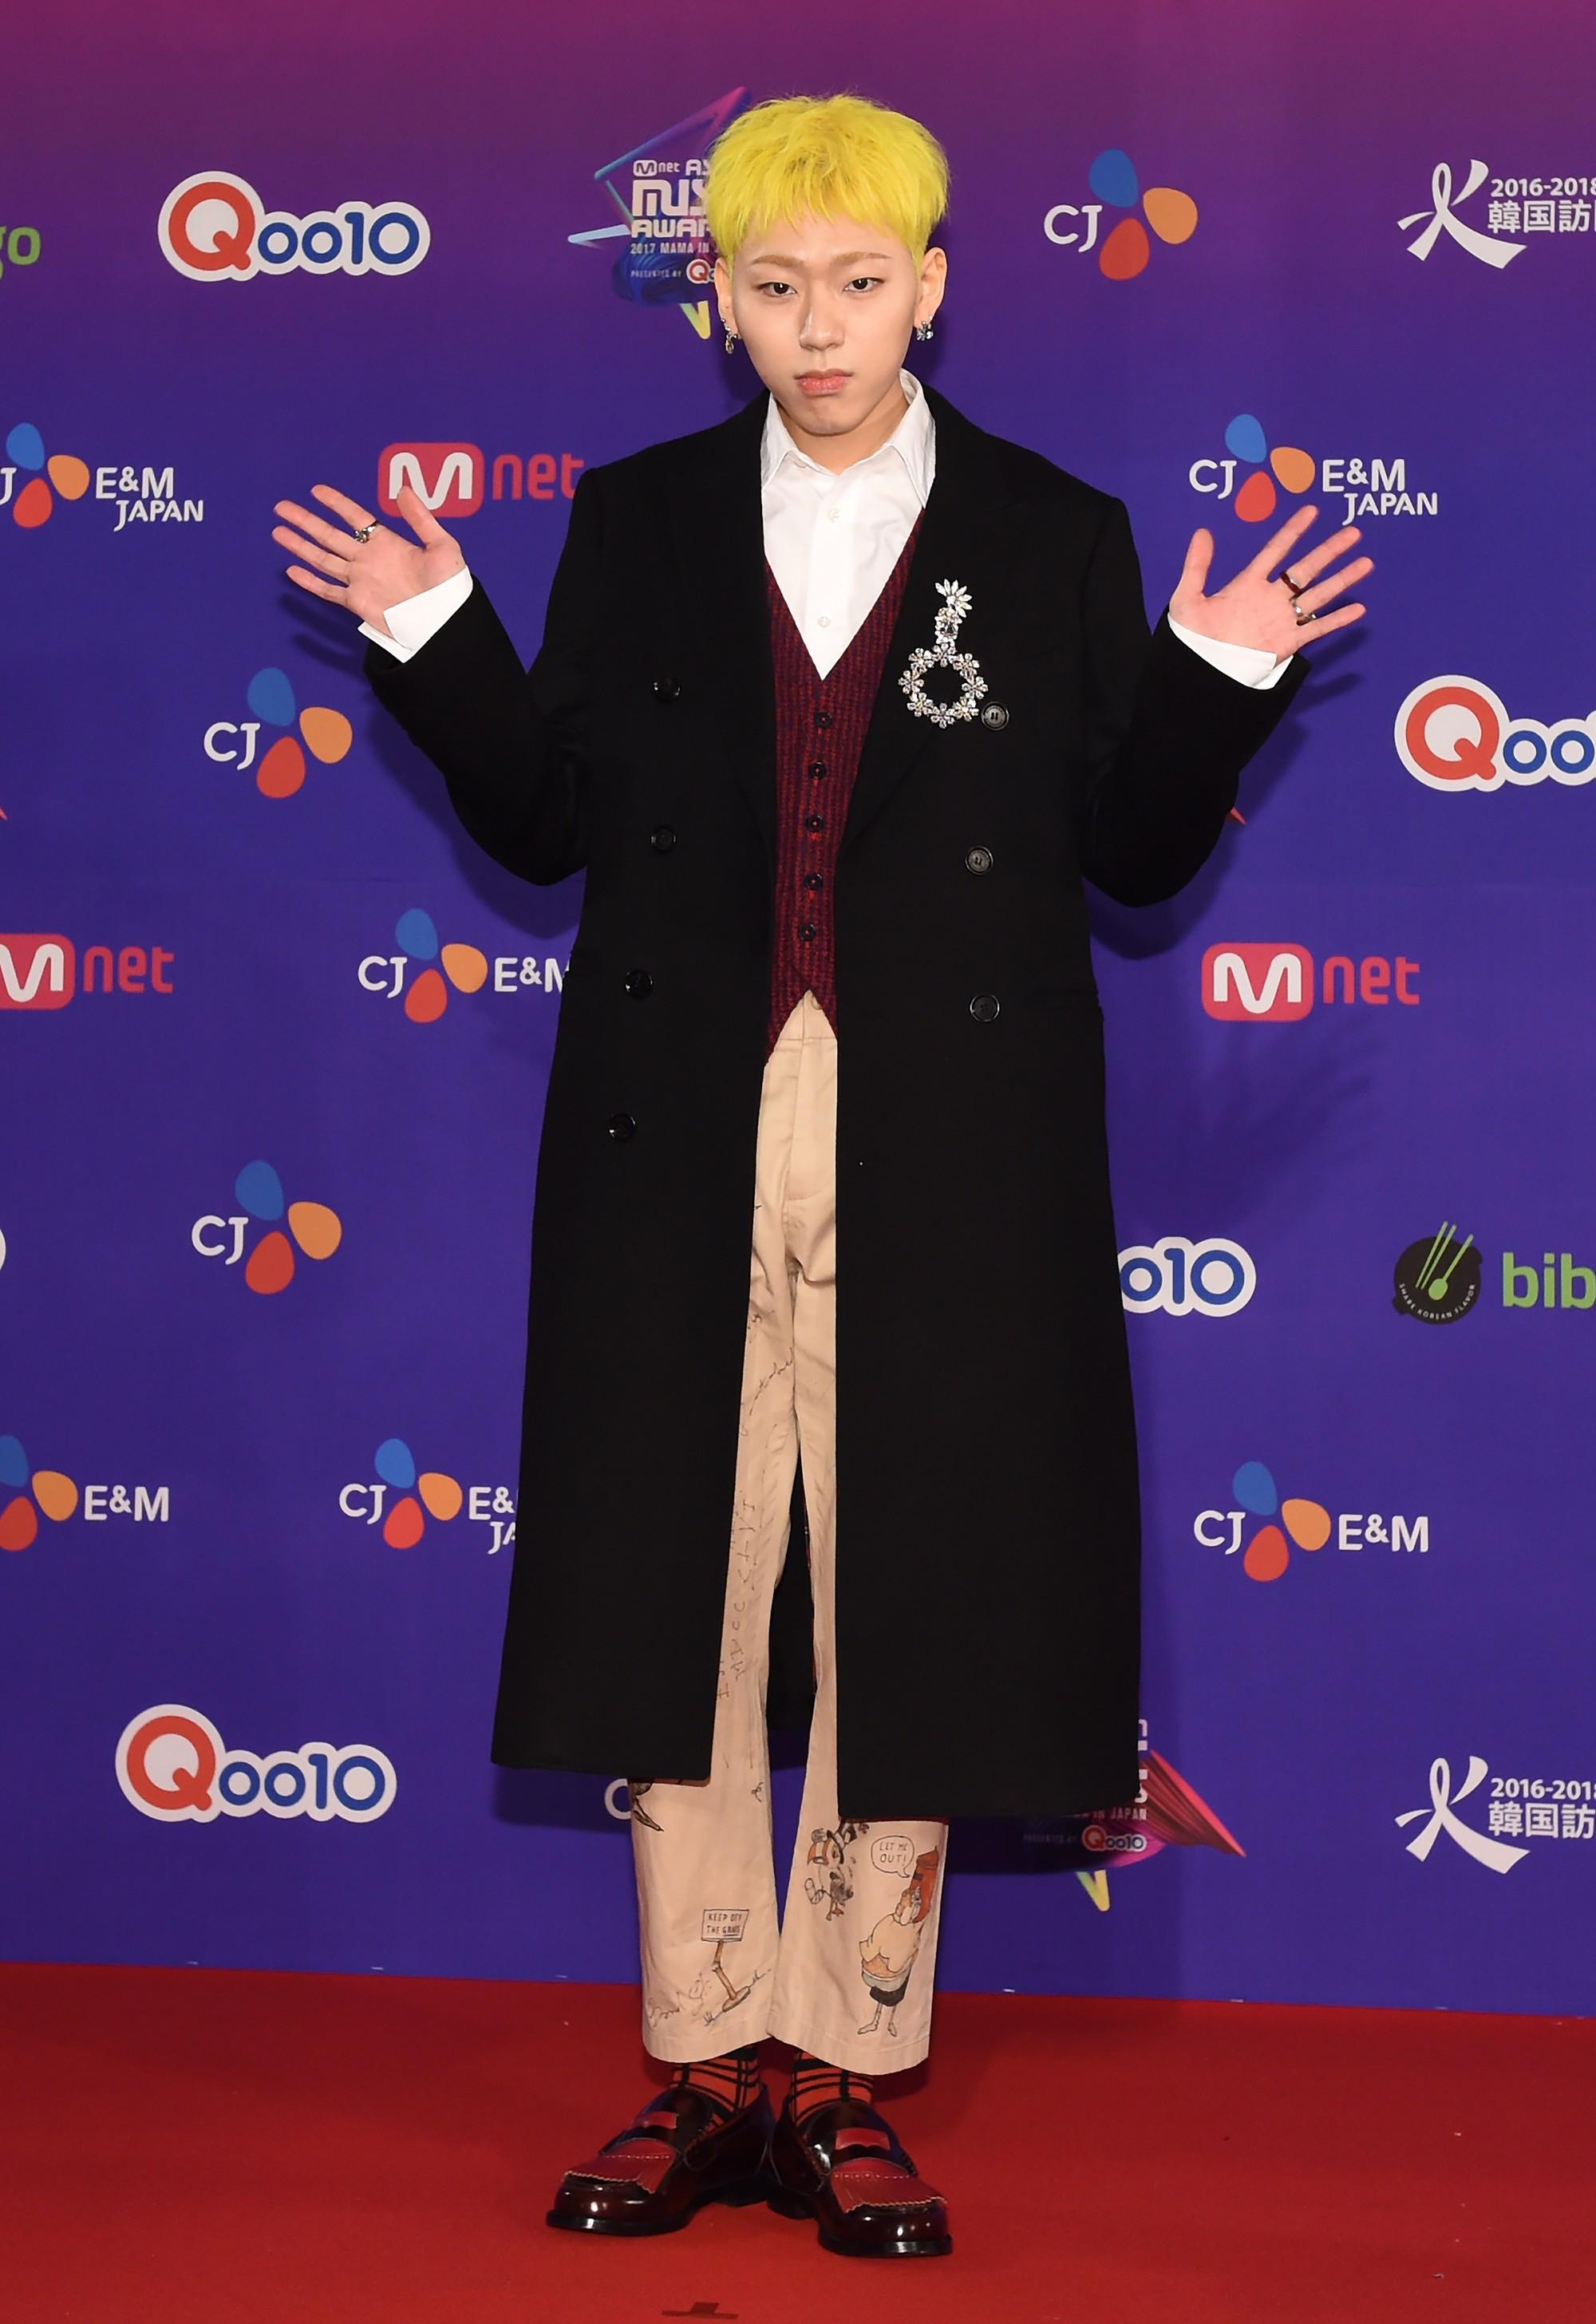 Thảm đỏ MAMA Nhật: Park Bo Gum và dàn mỹ nam Wanna One, EXO chiếm trọn sự chú ý, Kim So Hyun đọ sắc TWICE - Ảnh 42.